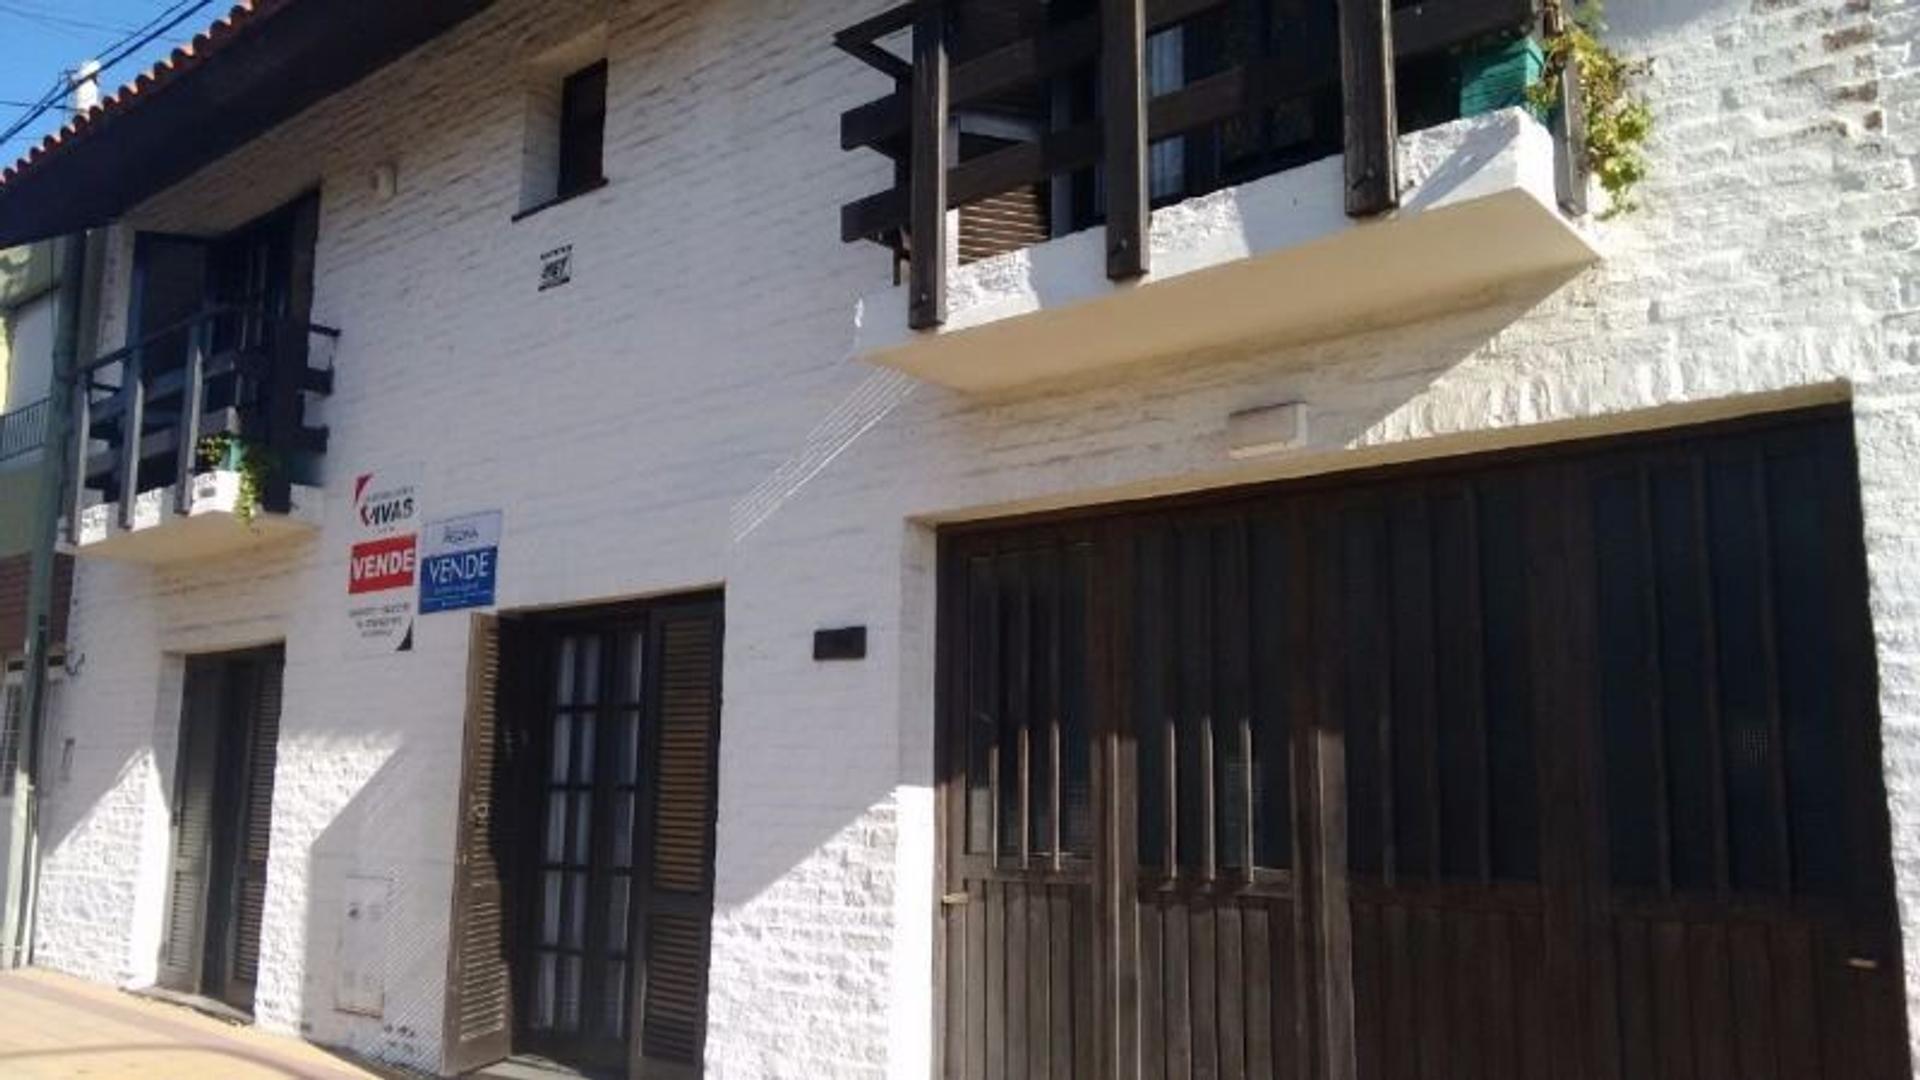 VENDE O PERMUTA POR CASA MAS PEQUEÑA: Sólida casa 4 dormitorios en calle Saavedra